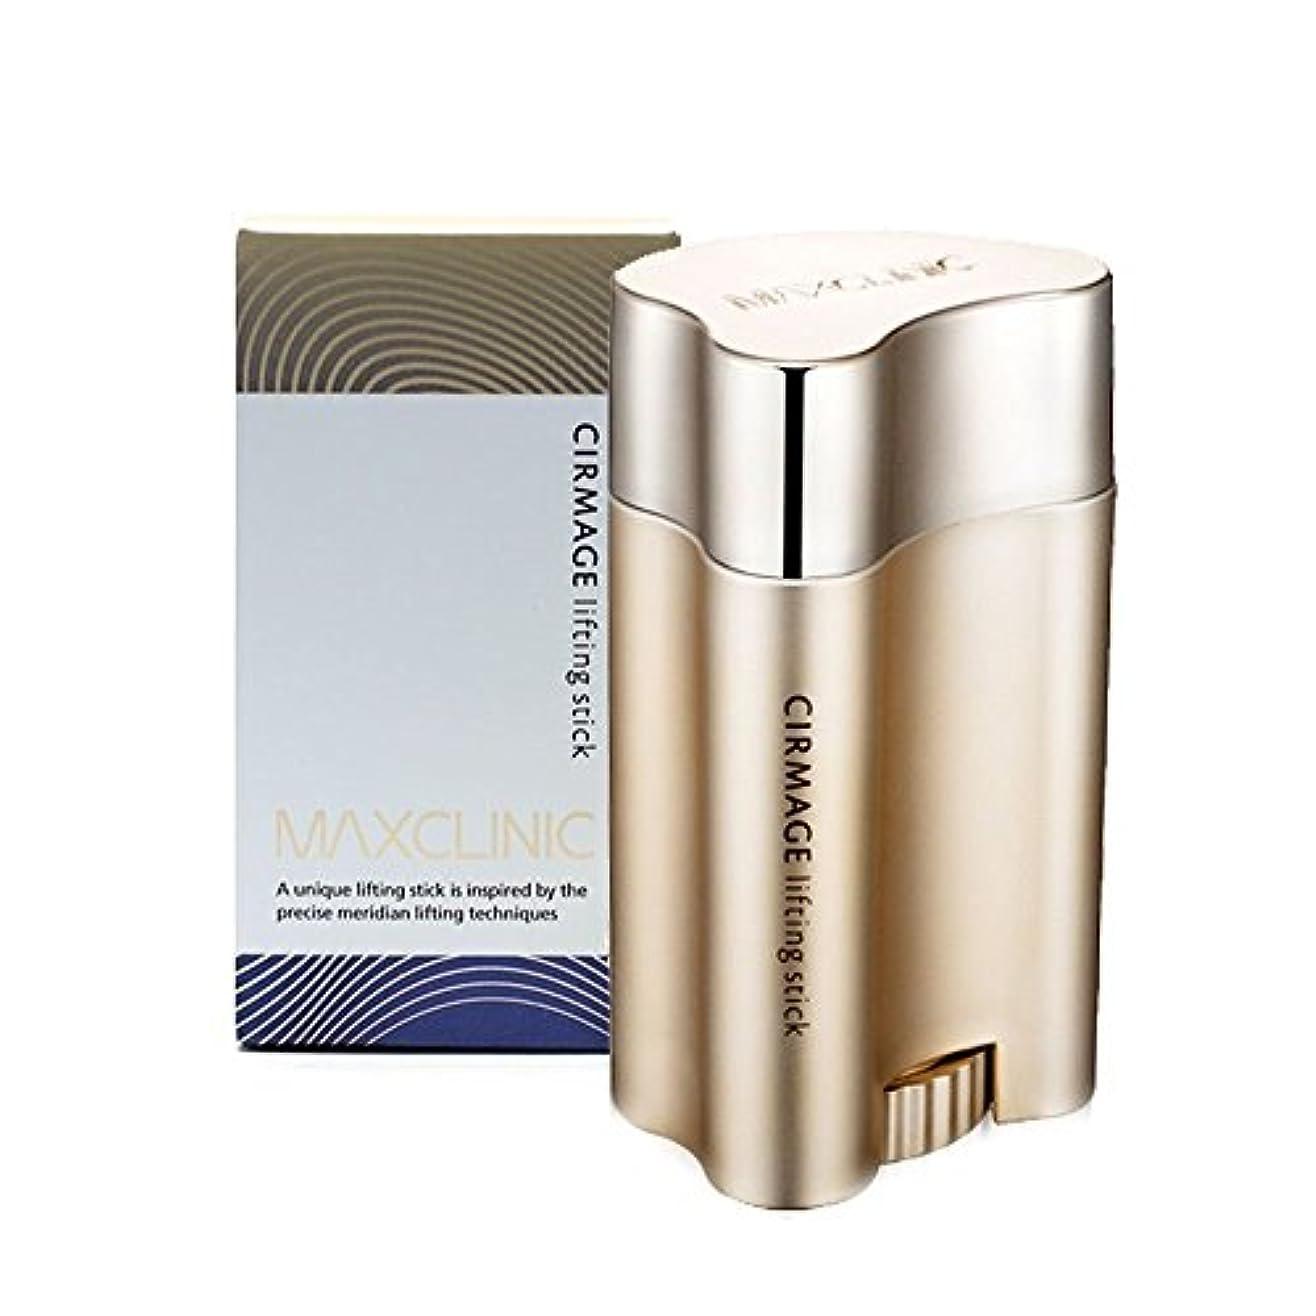 しばしば登録ゲームMAXCLINIC マックスクリニック サーメージ リフティング スティック 23g(Cirmage Lifting Stick 23g)/Direct from Korea/w free Gift Sample [並行輸入品]